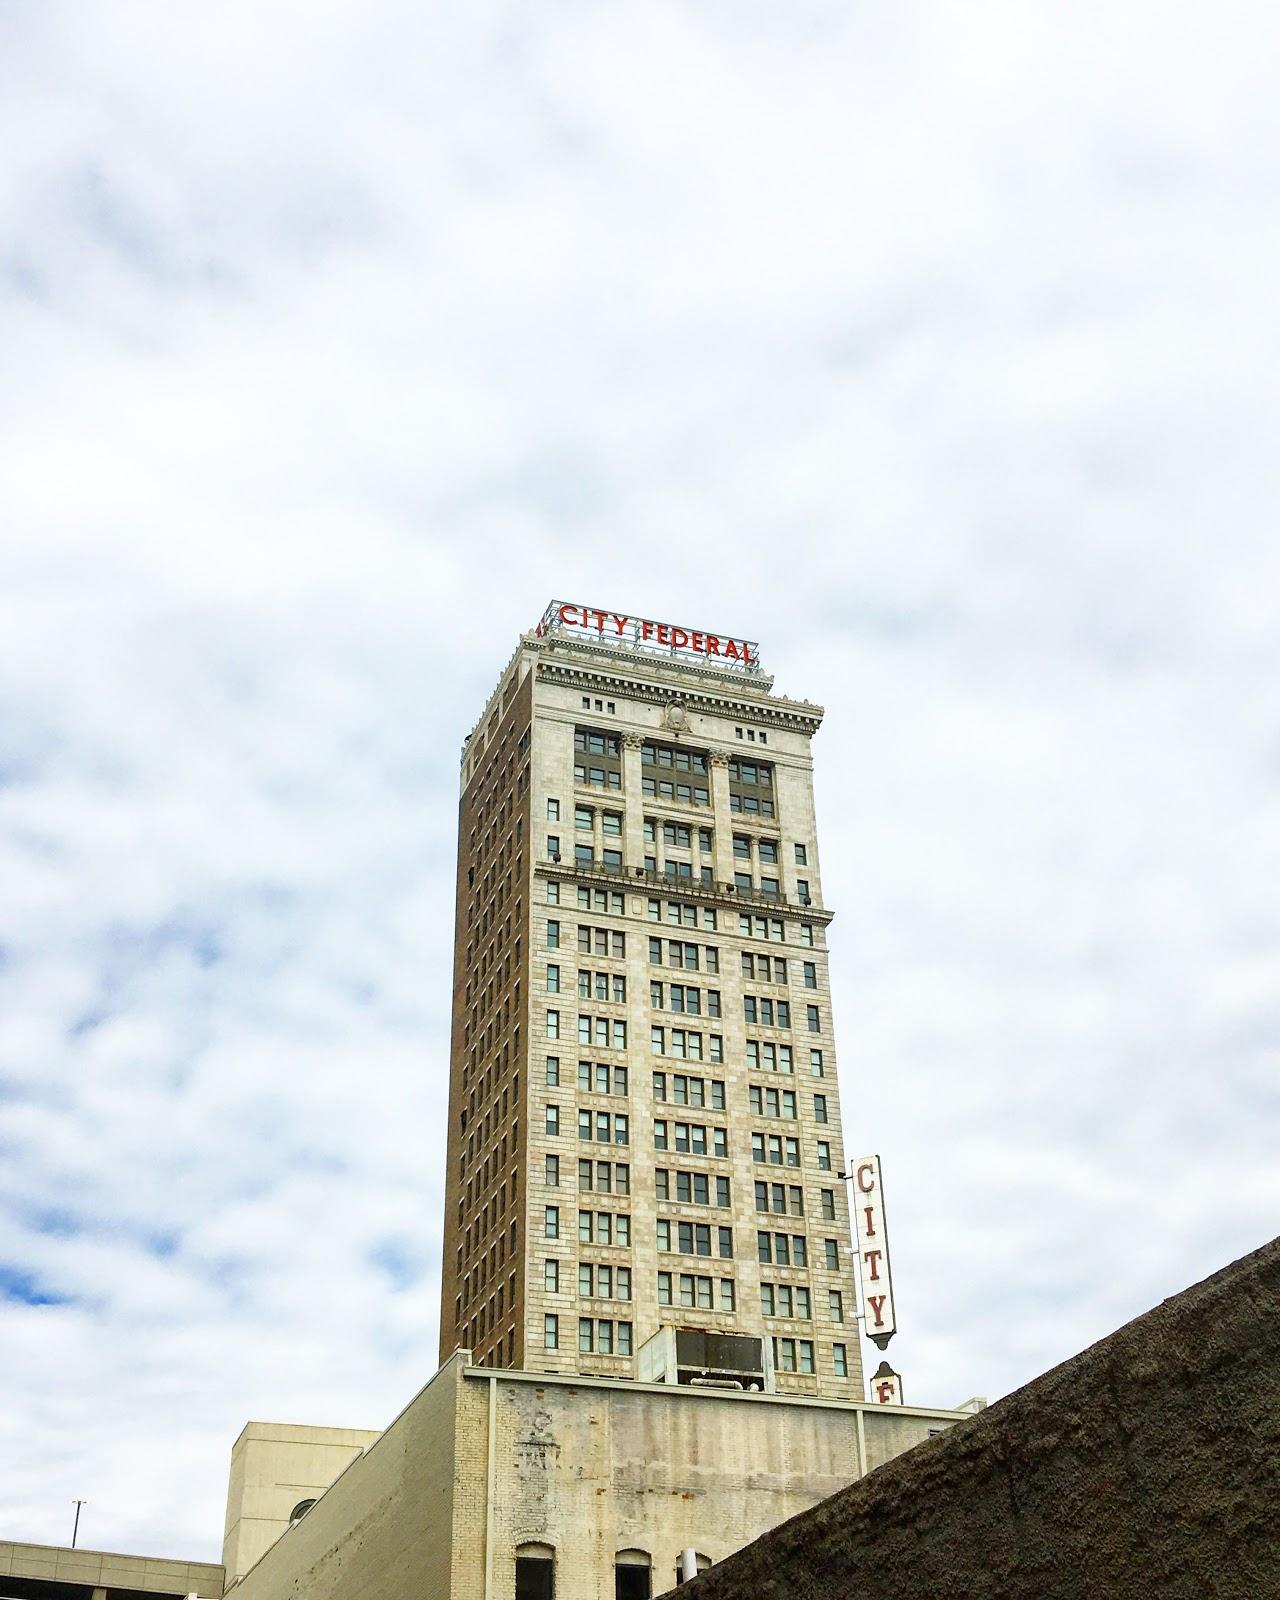 Birmingham, City Federal Building, H2 Real Estate, Downtown Loft Tours